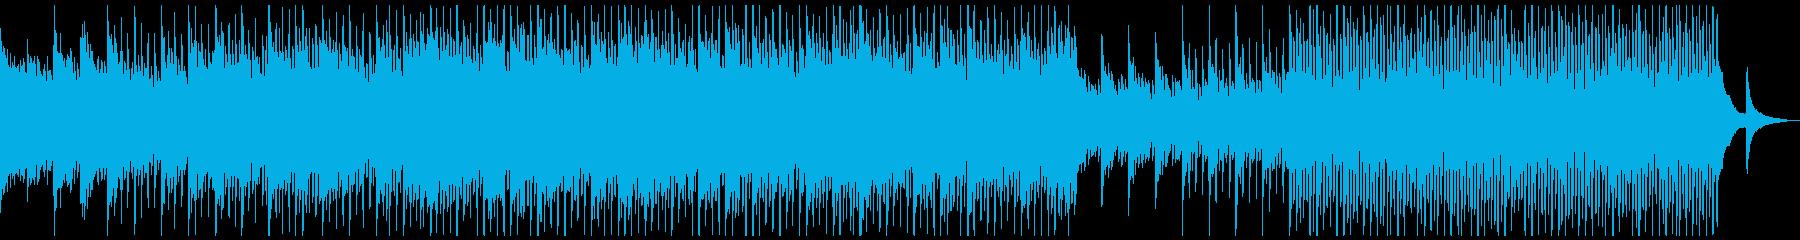 企業VP、ピアノ、4つ打ち.No.1-1の再生済みの波形